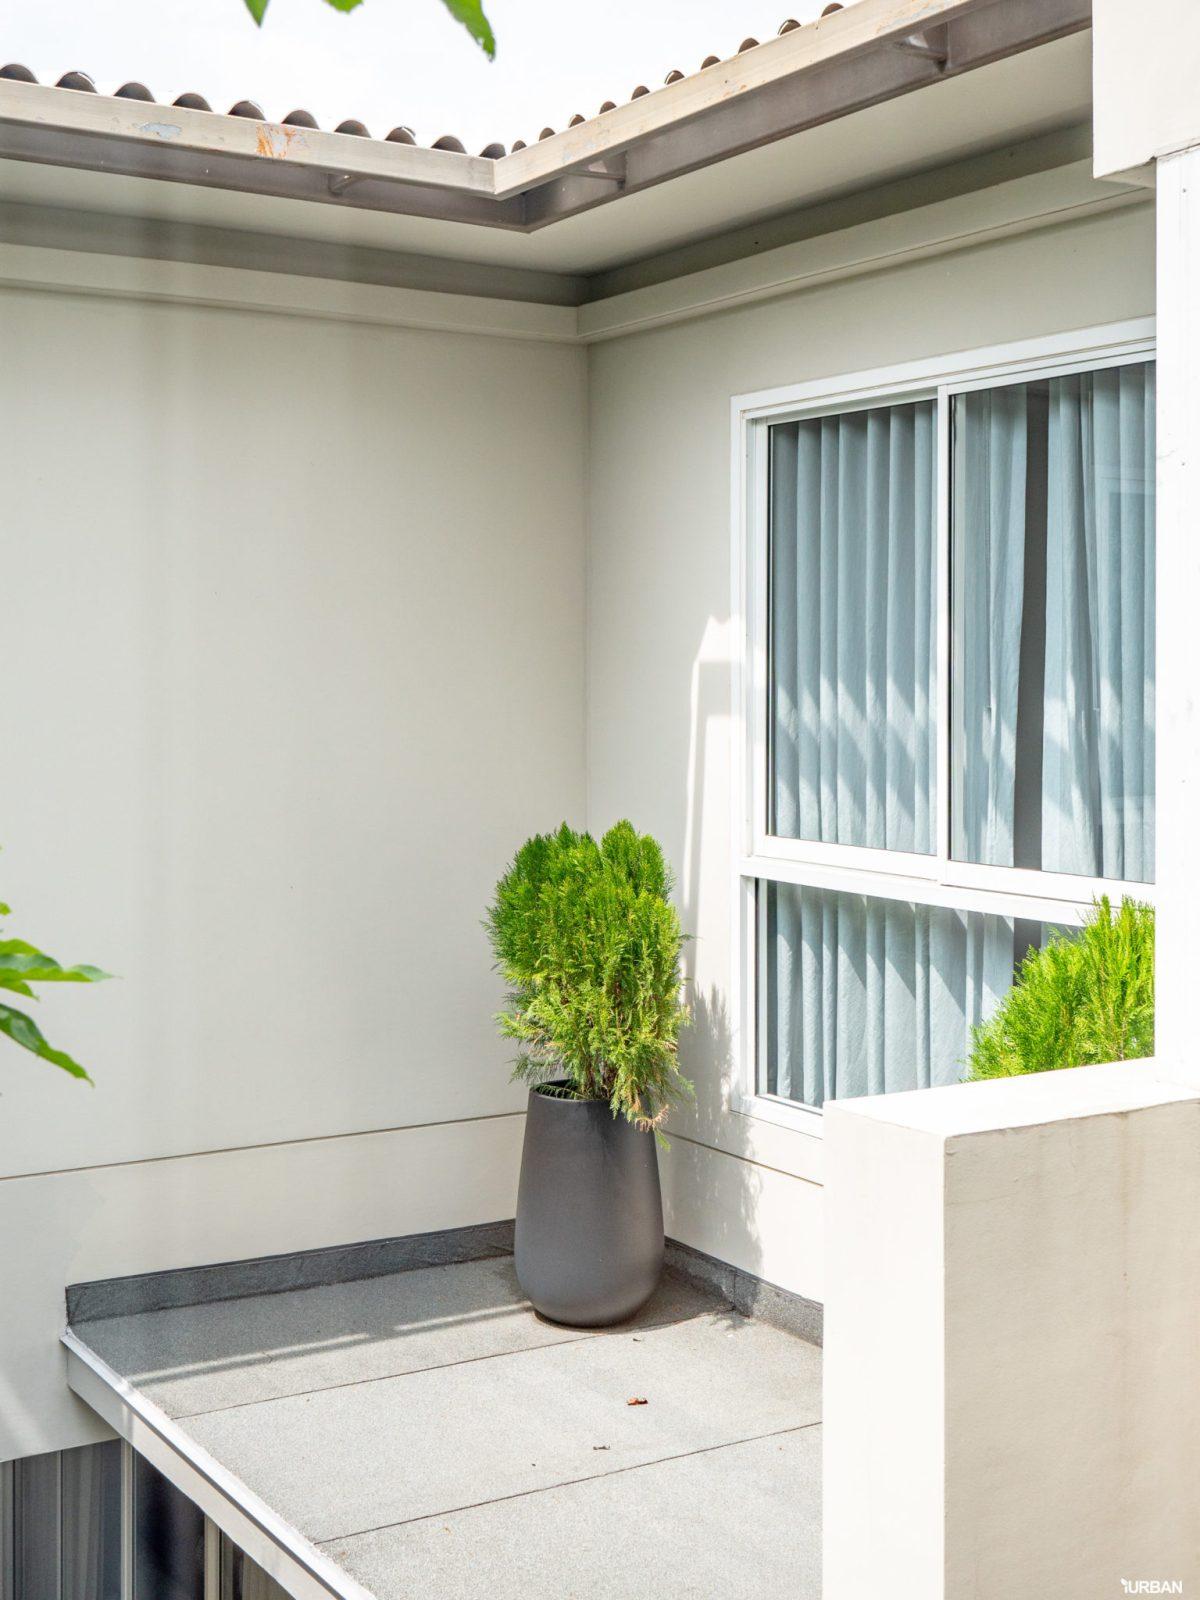 รีวิว บารานี พาร์ค ศรีนครินทร์-ร่มเกล้า บ้านสไตล์ Courtyard House ของไทยที่ได้รางวัลสถาปัตยกรรม 44 - Baranee Park